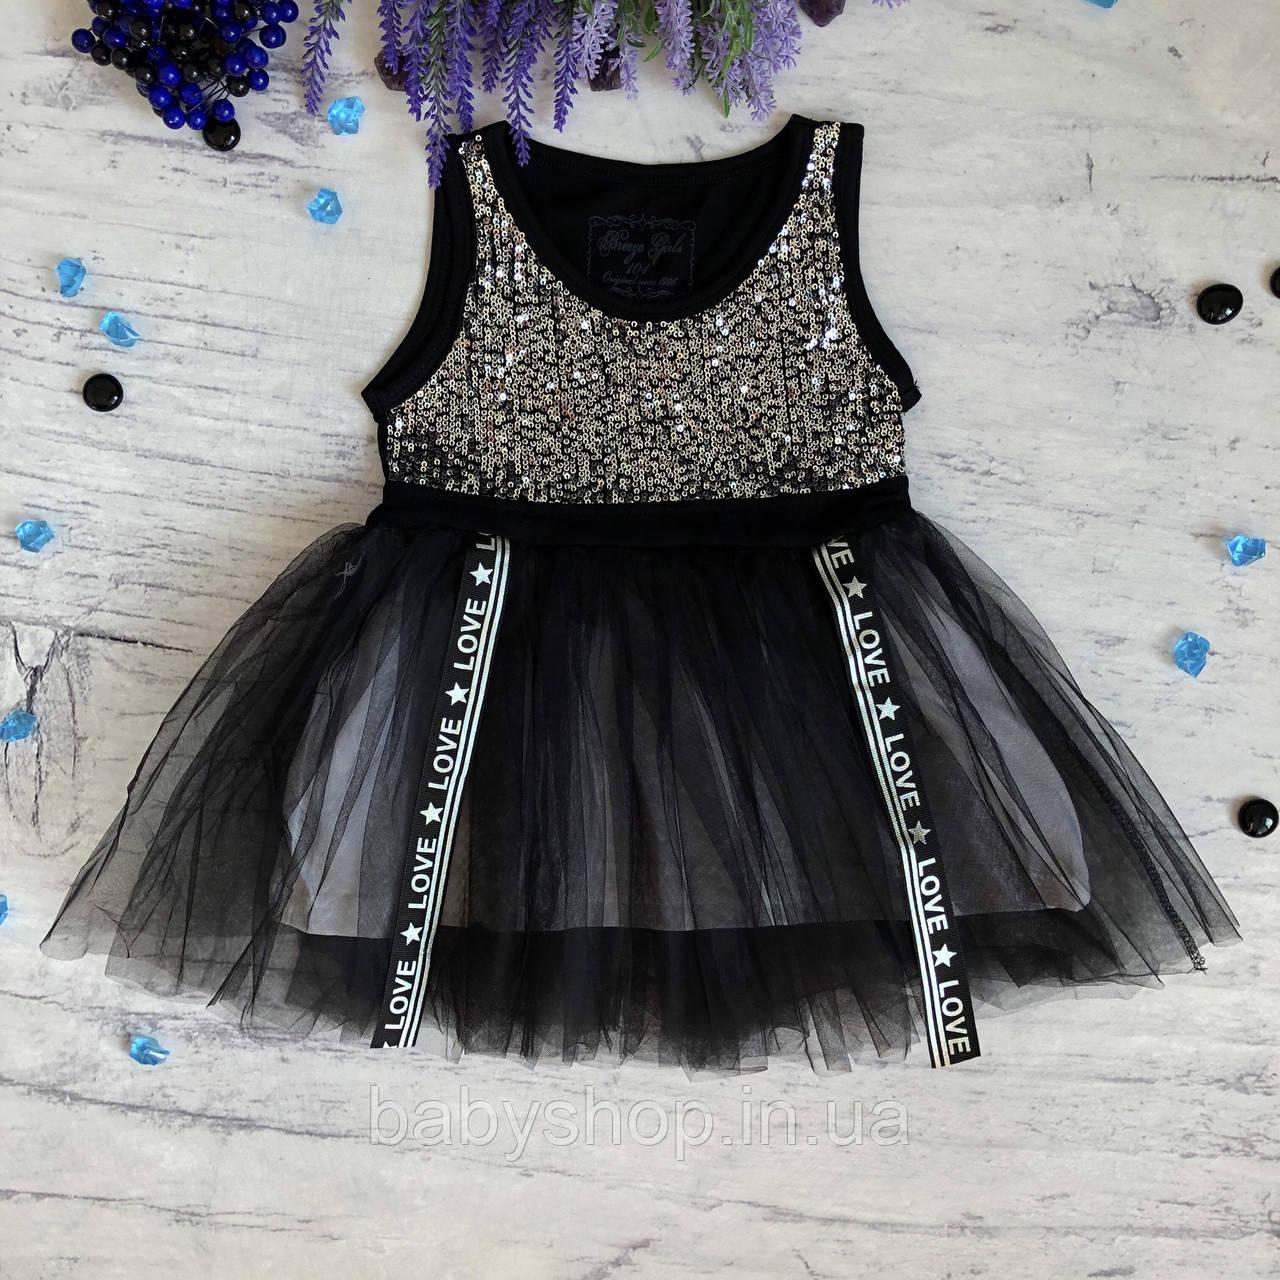 Летнее платье на девочку Breeze 130. Размеры 104 см, 110 см, 116 см, 128 см, 134 см